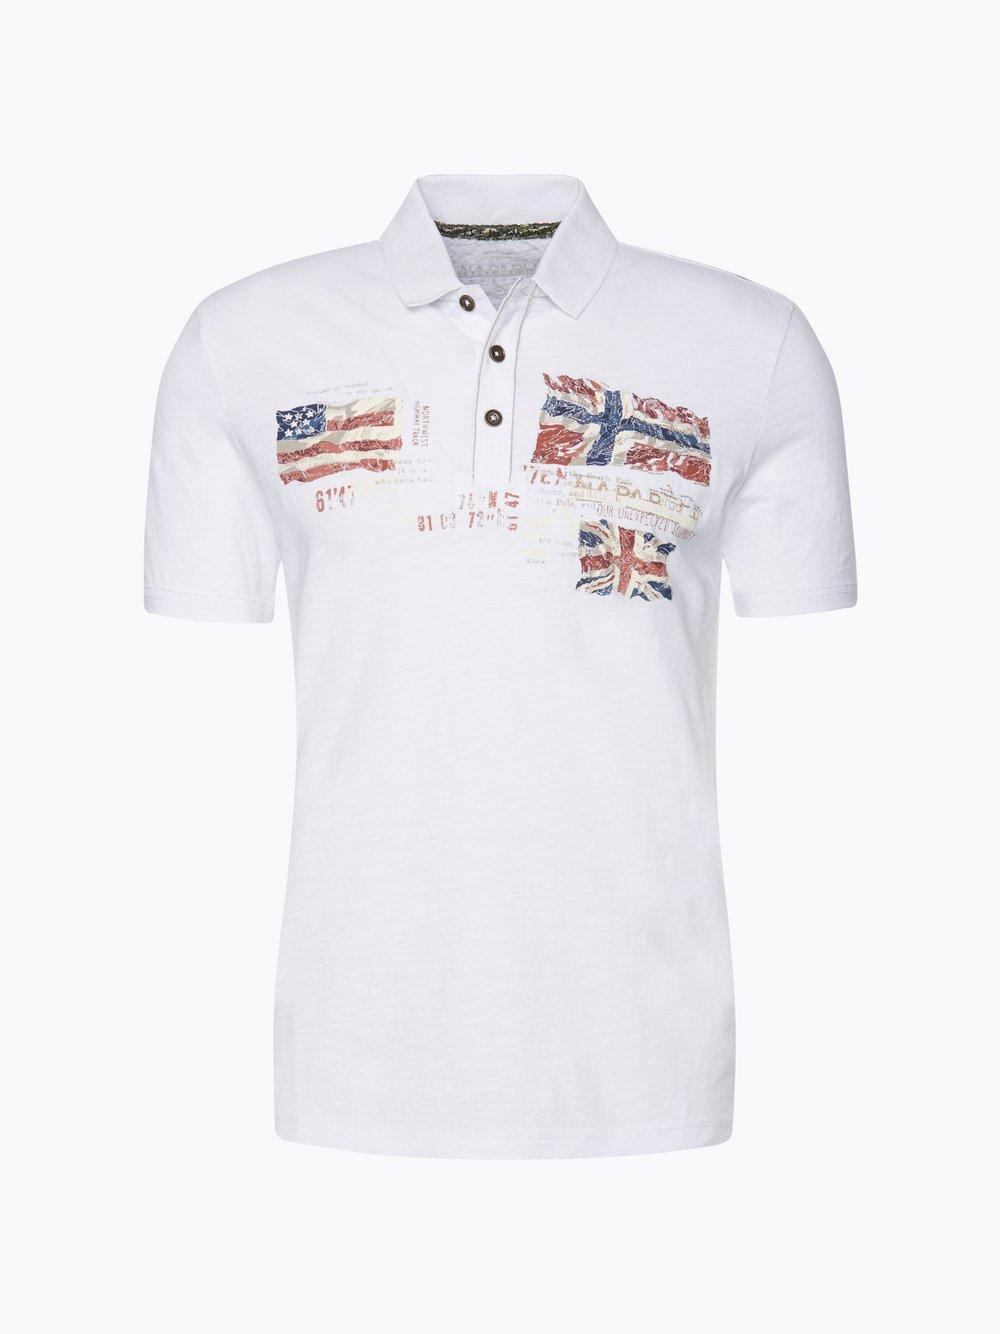 Napapijri Herren Poloshirt Epak online kaufen | VANGRAAF.COM